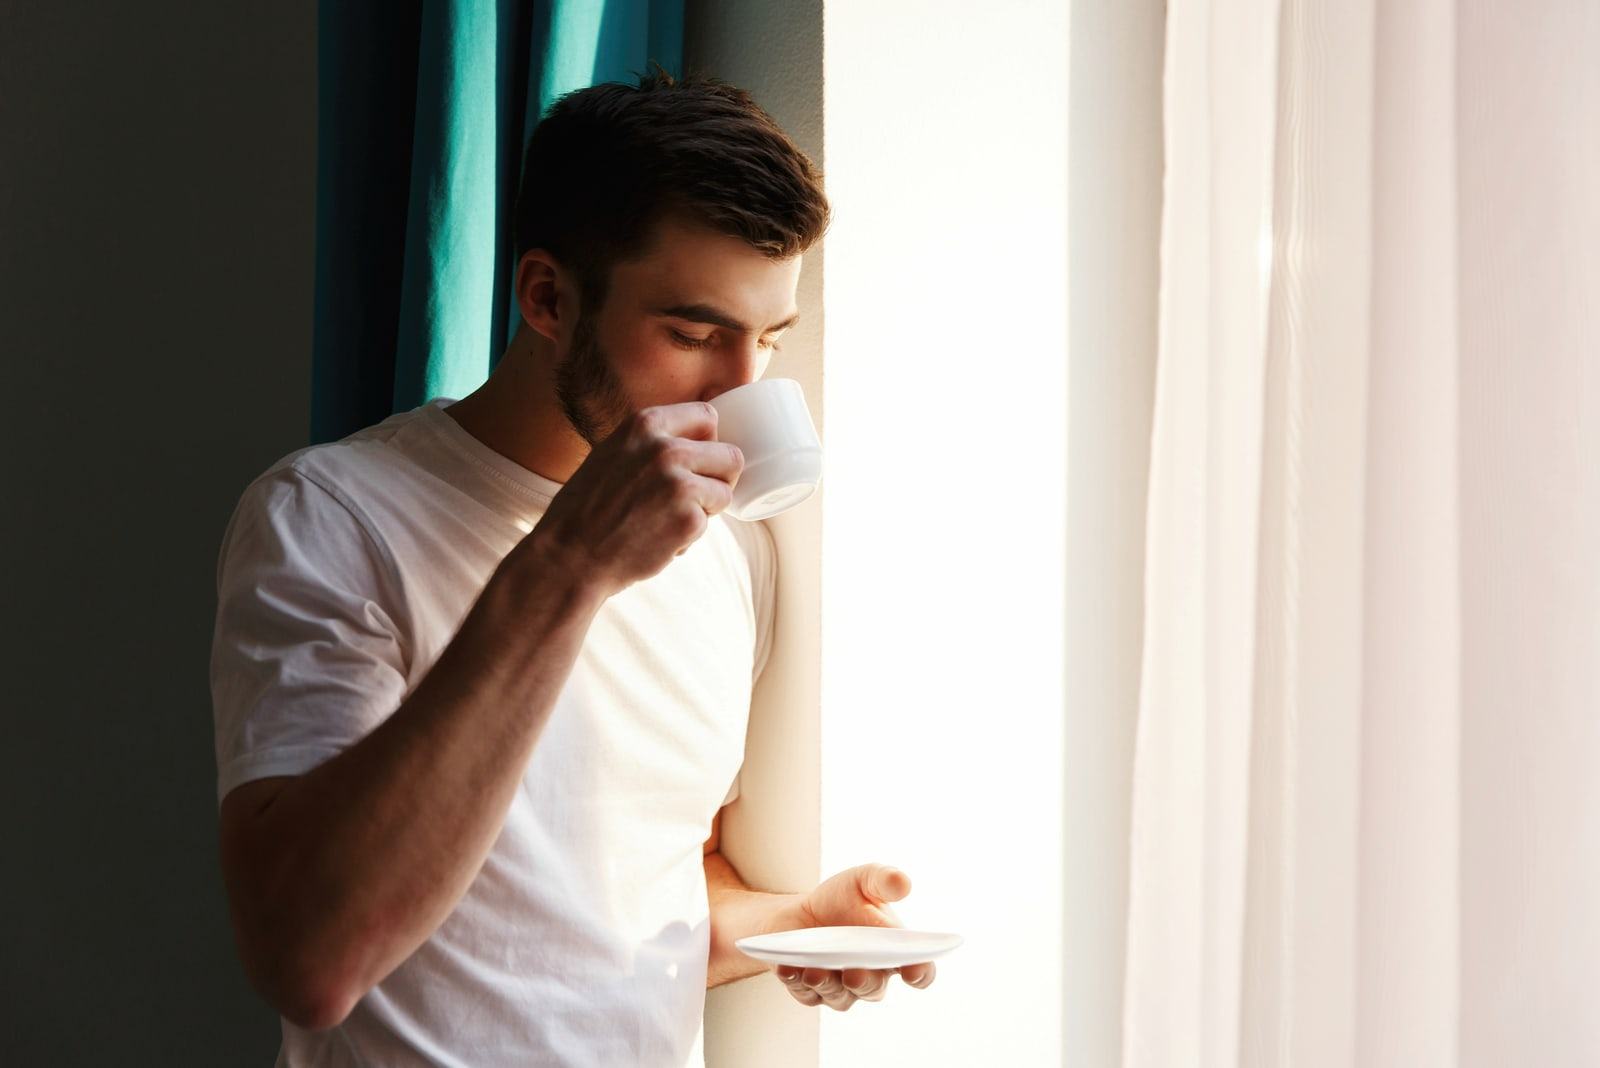 man wearing white t shirt drinking coffee